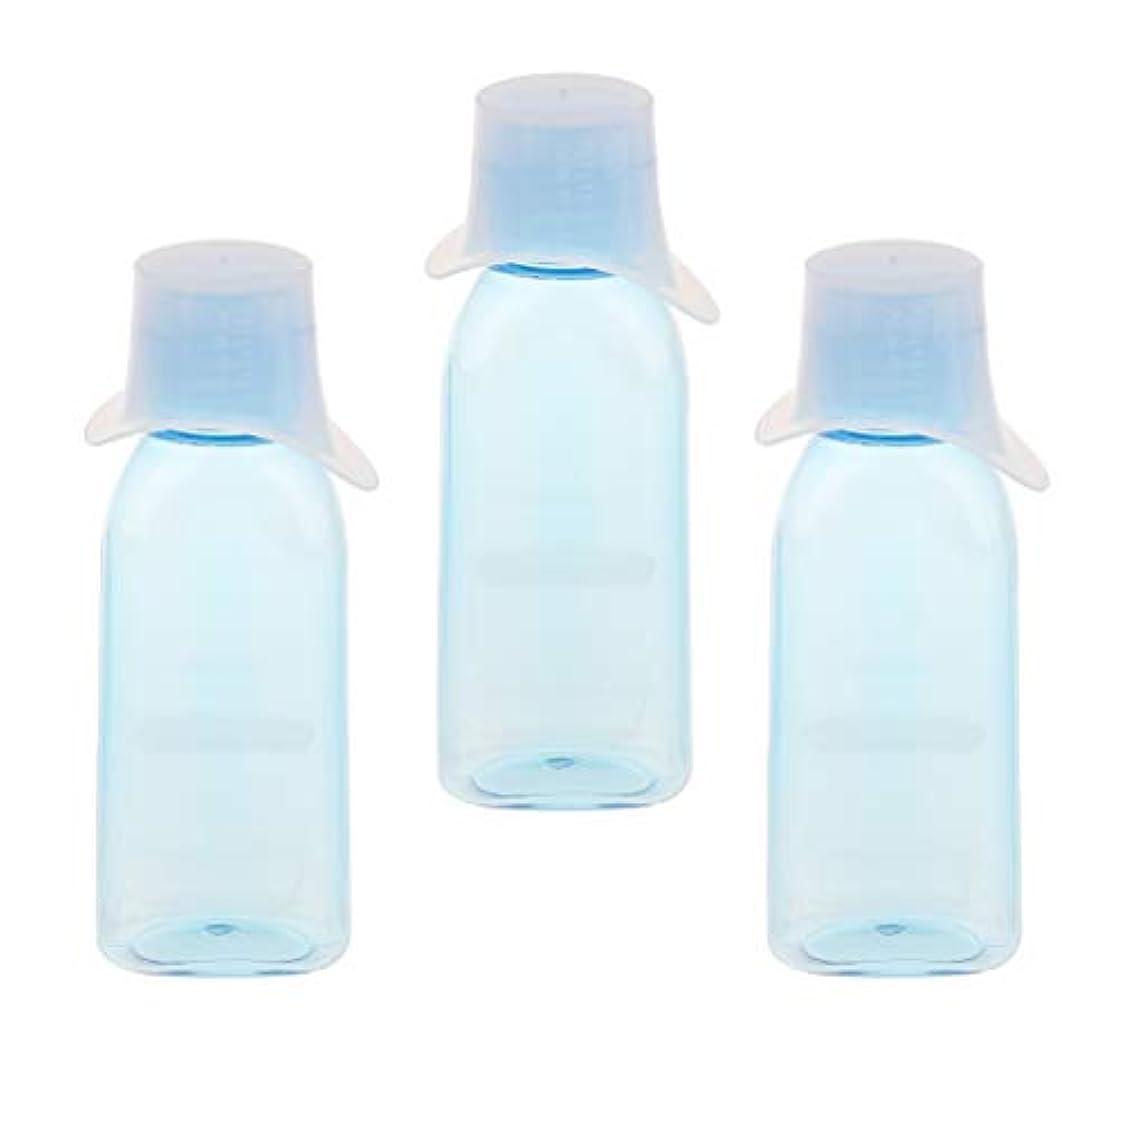 フランクワースリー週末おとうさん3本 アイウォッシュカップ 洗眼容器 プラスチックボトル 漏れ防止 詰替えボトル